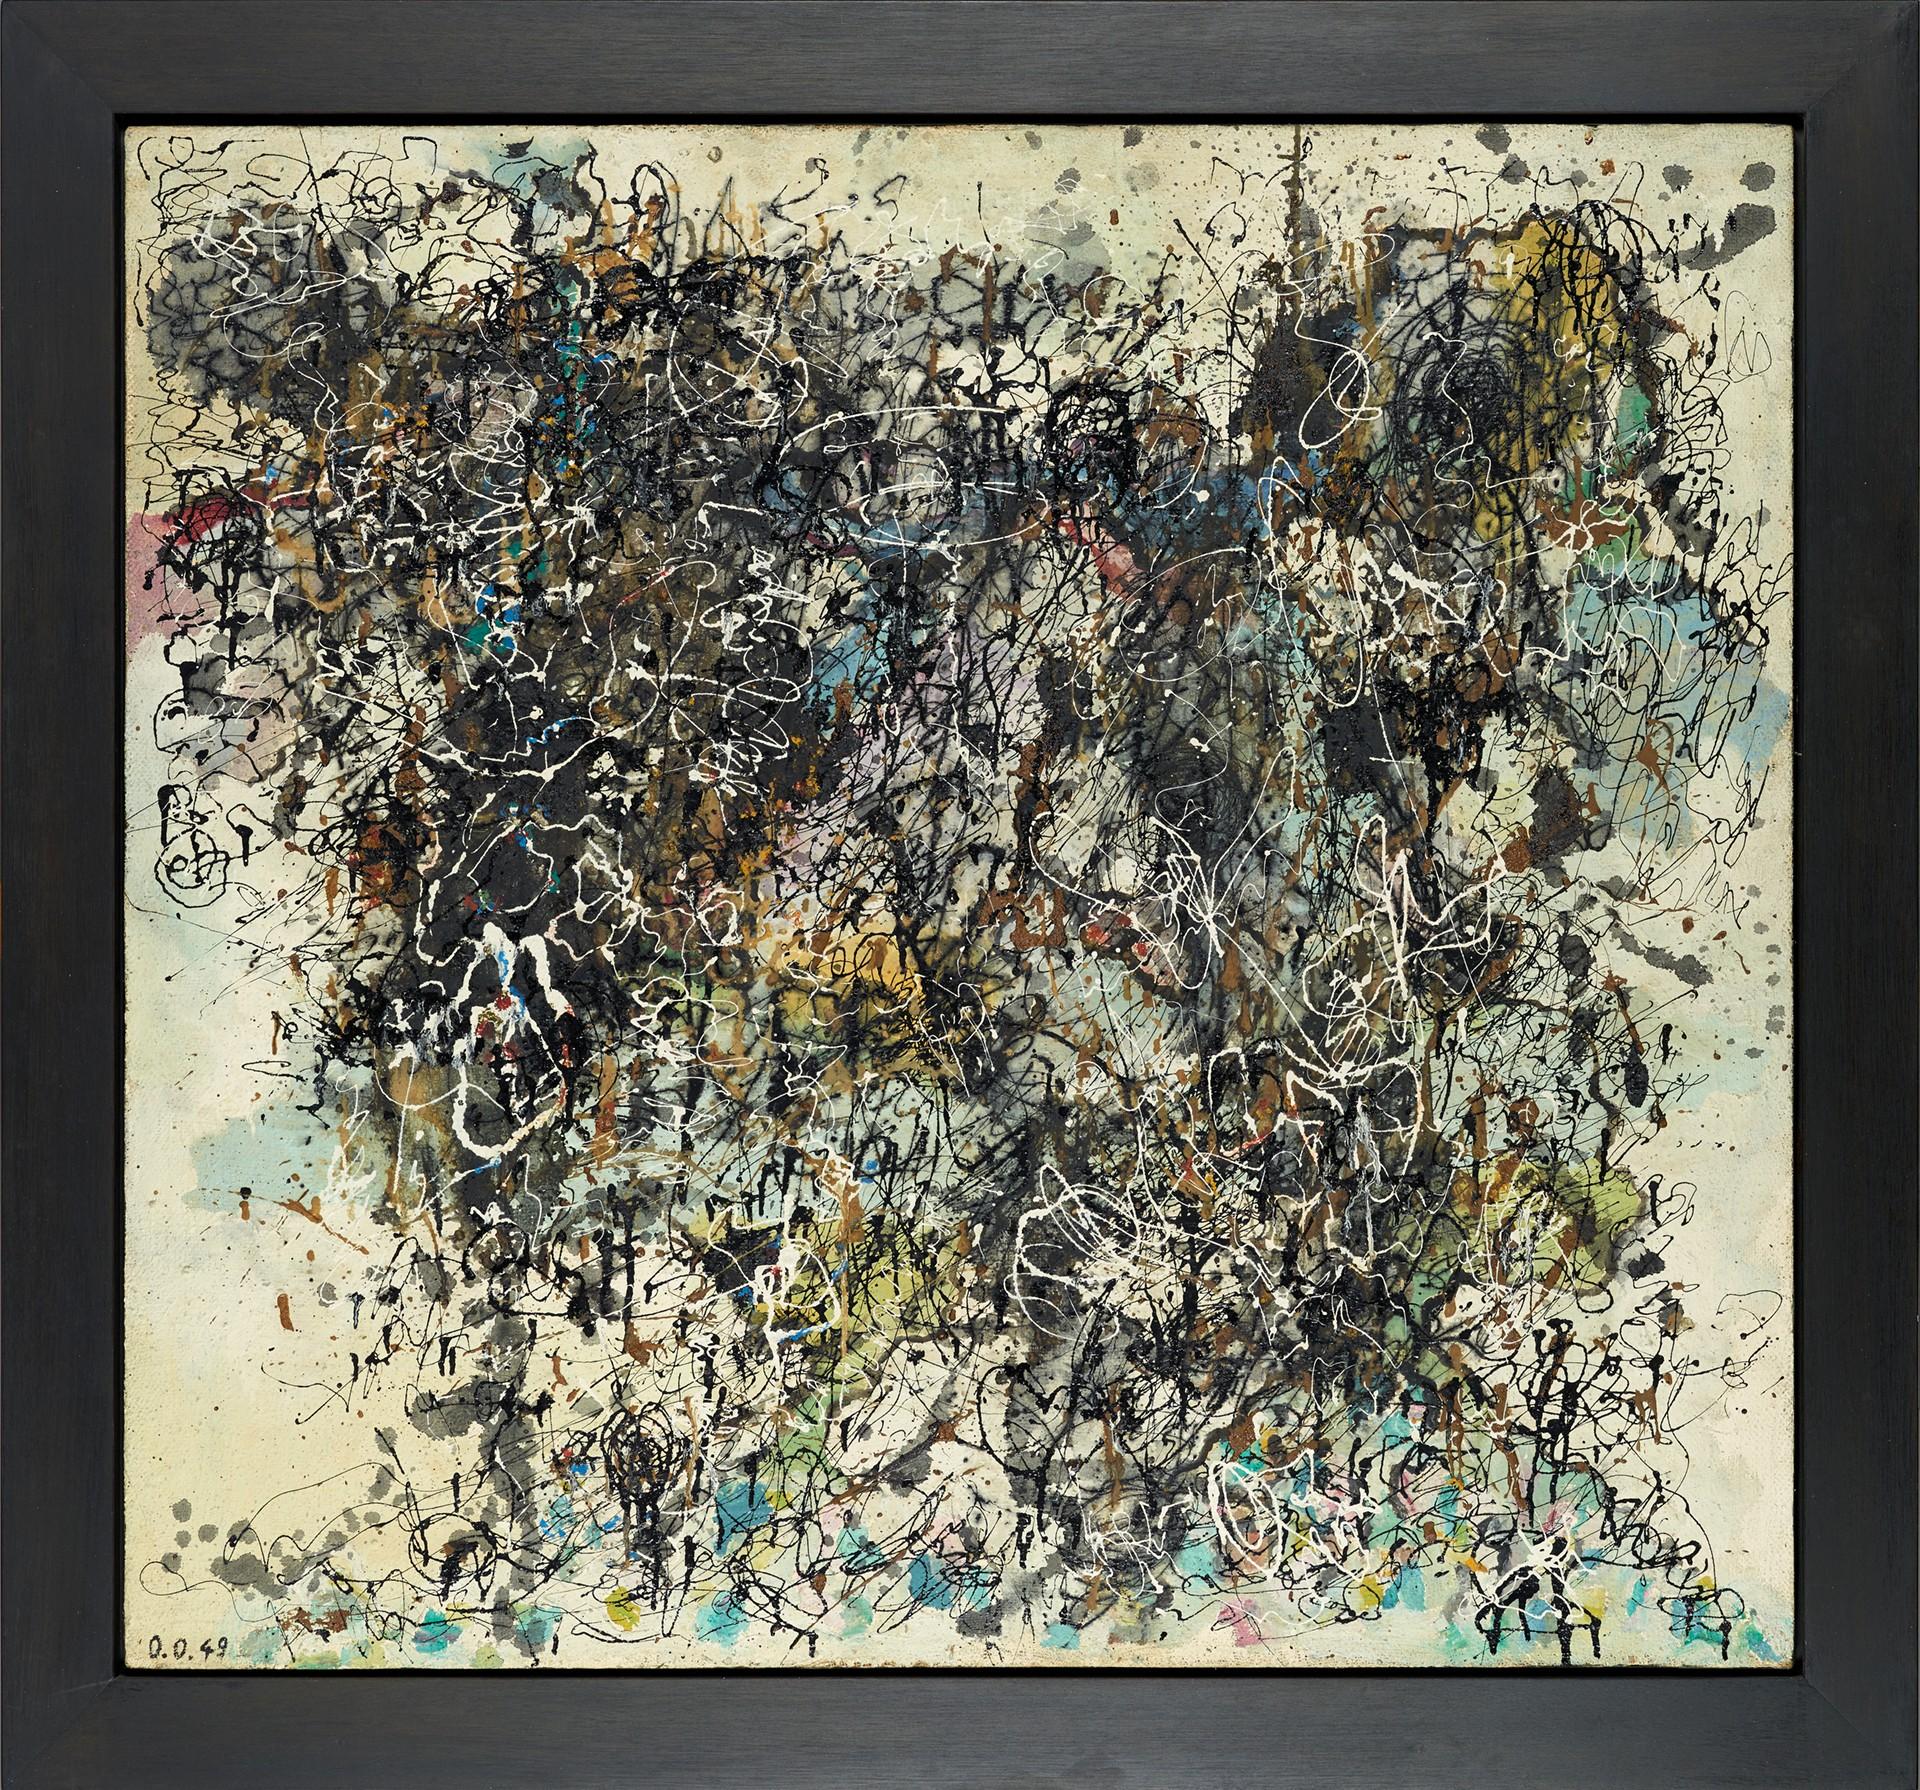 Oswald Oberhuber, Zerstörte Formen, 1949 Privatbesitz, Foto: © Belvedere, Wien, Leimfarbe, Öl und Lack auf Jute auf Holzfaserplatte 119 × 128,6 cm